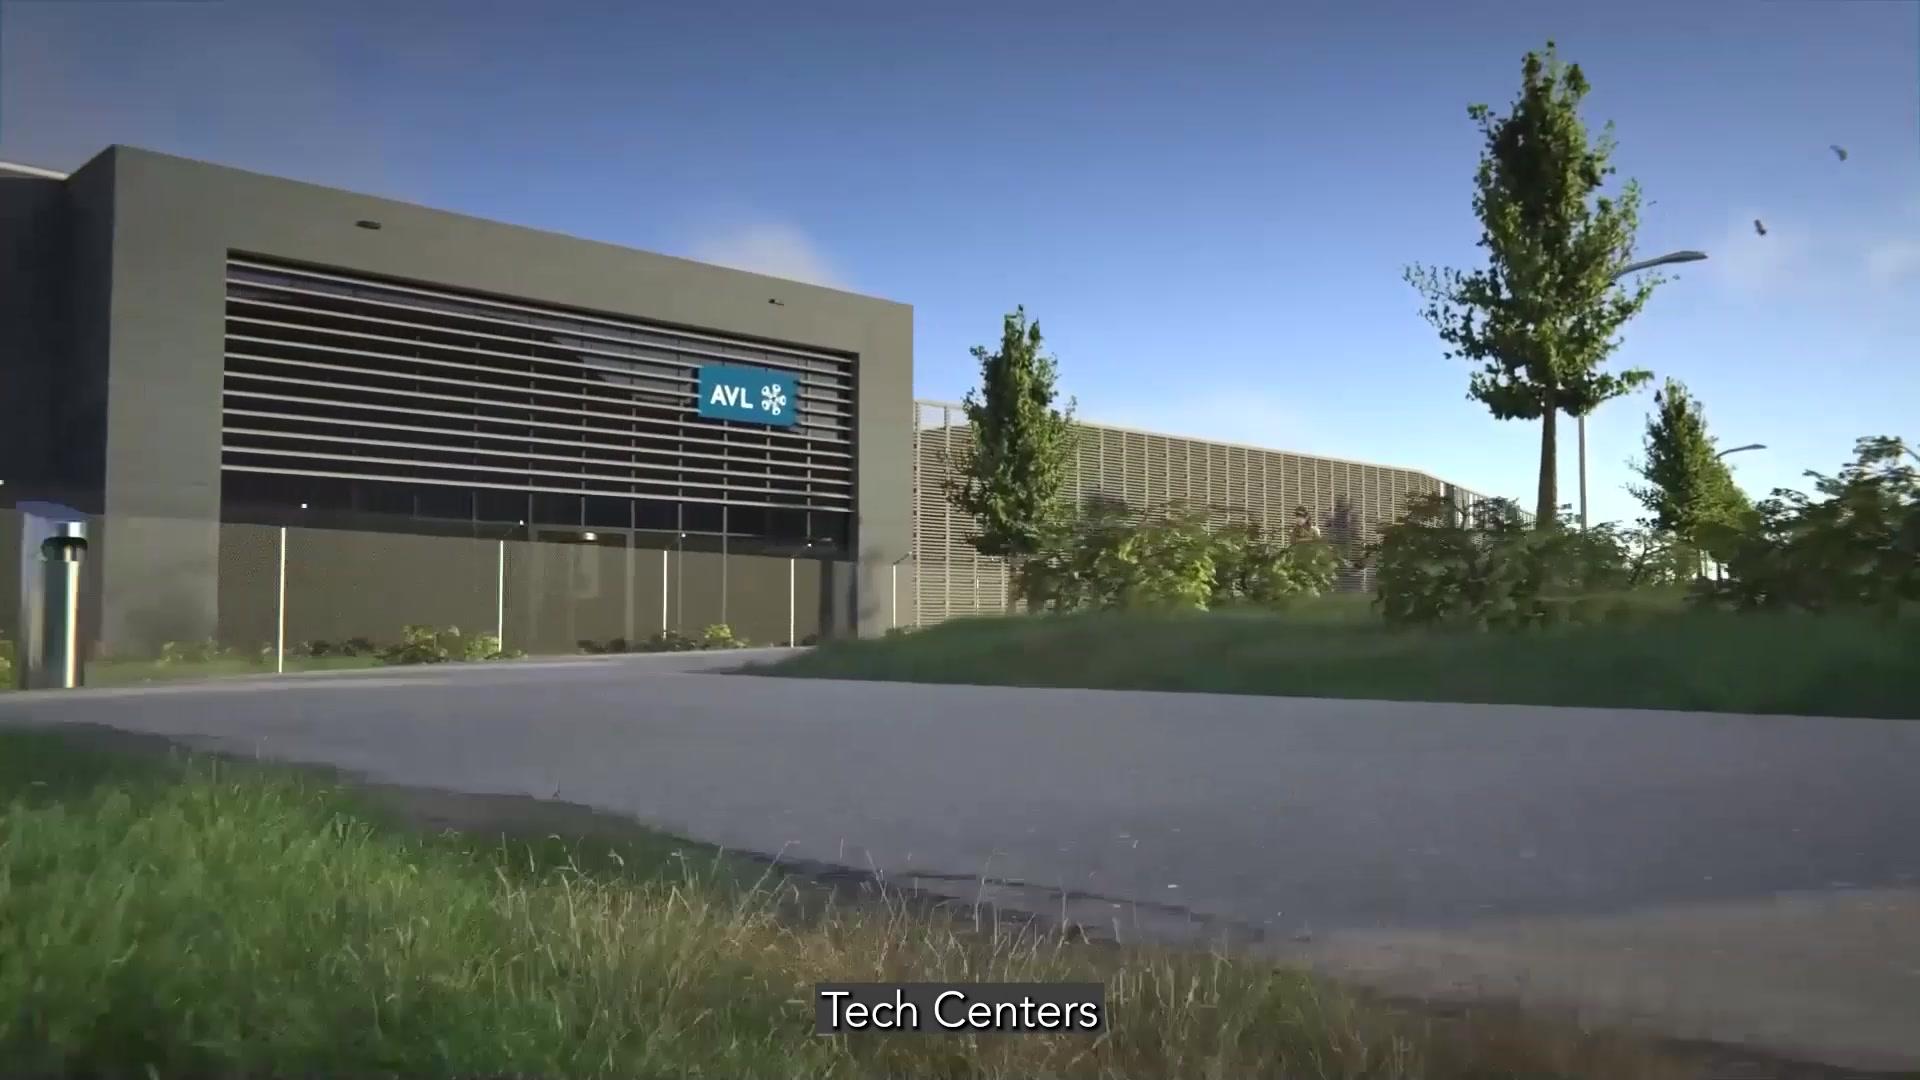 Avl Araştırma ve Mühendislik San. ve Tic. Ltd. Şti.